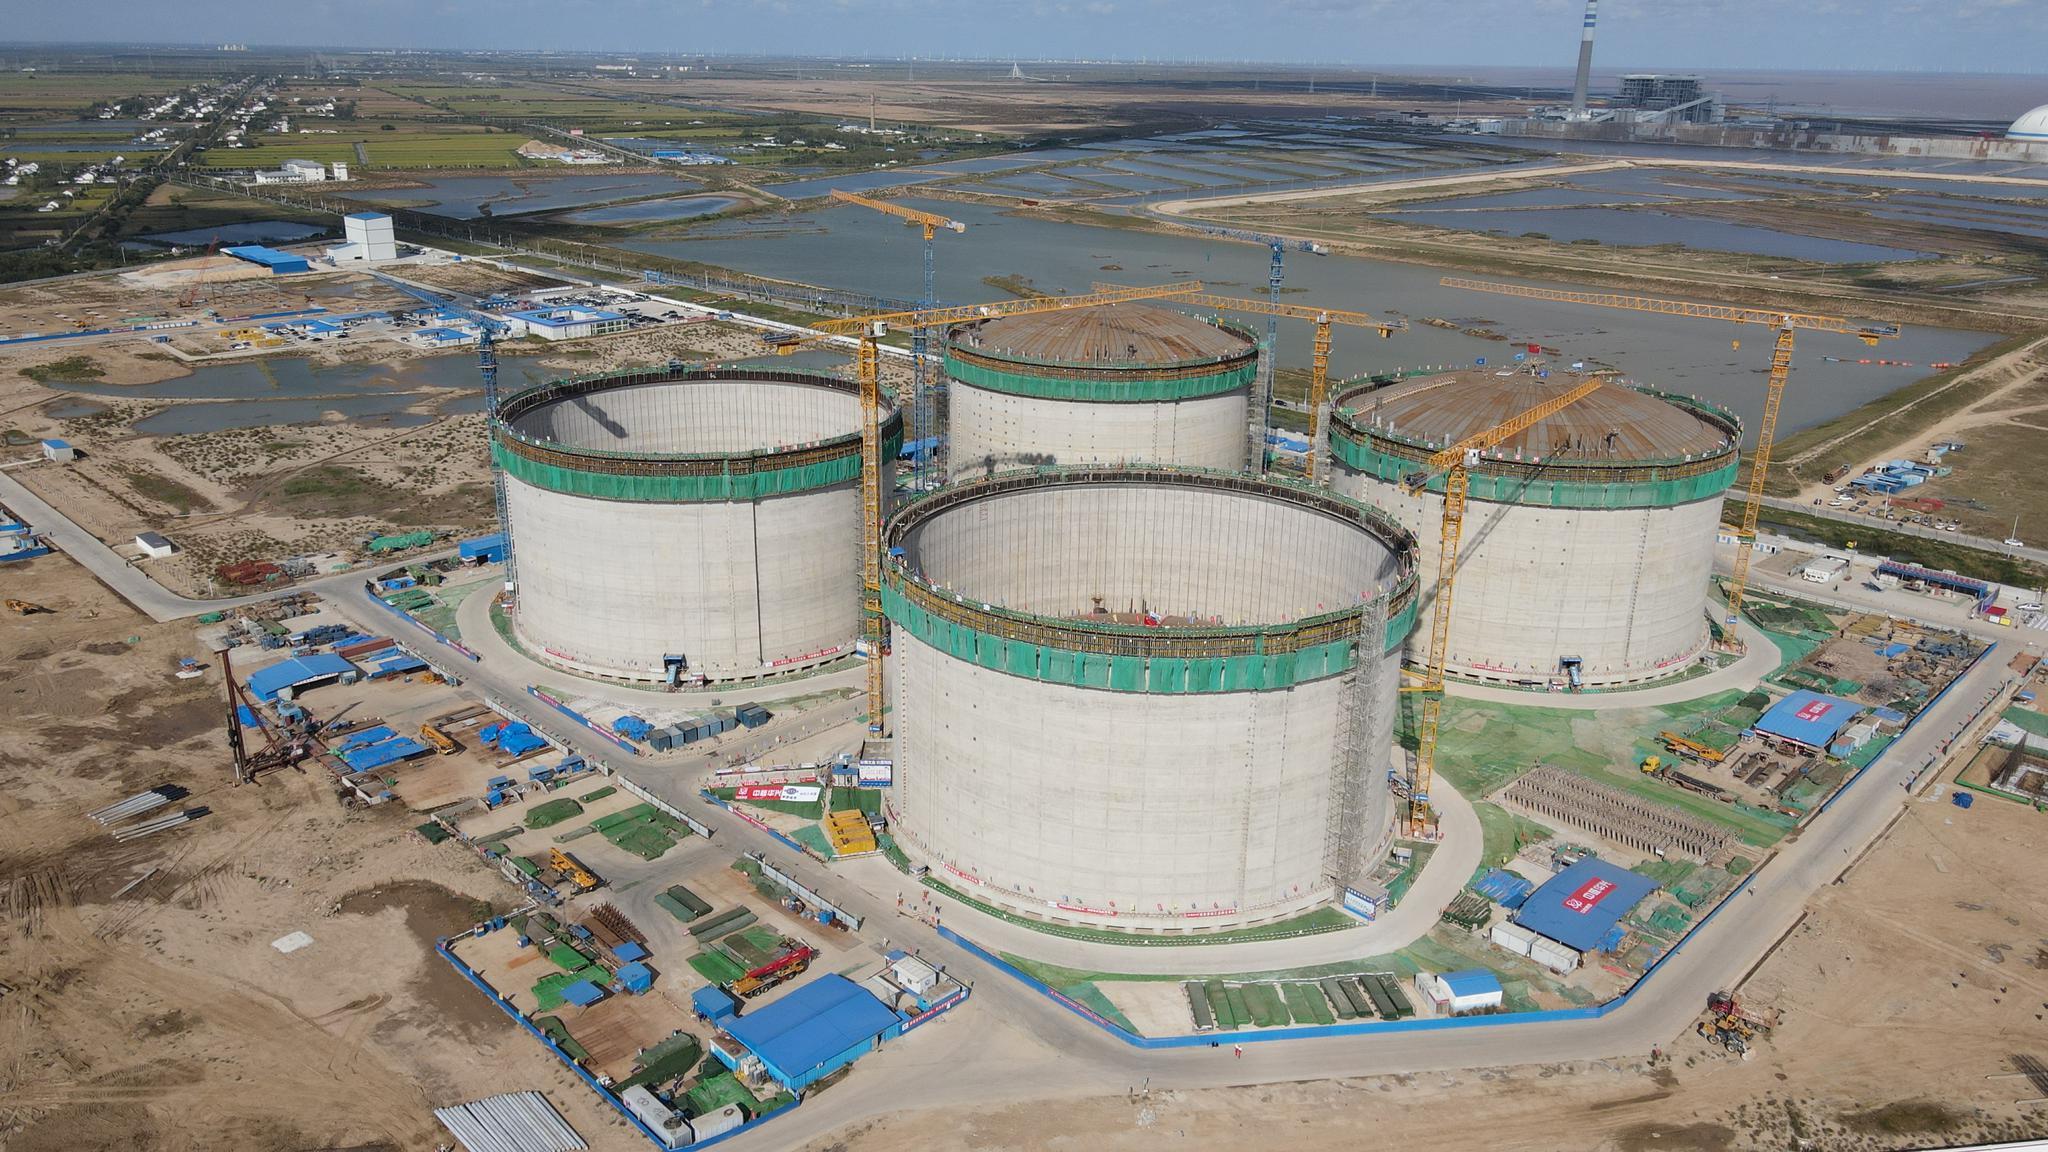 国内最大LNG储罐成功升顶 由中国自主设计、自主建造图片